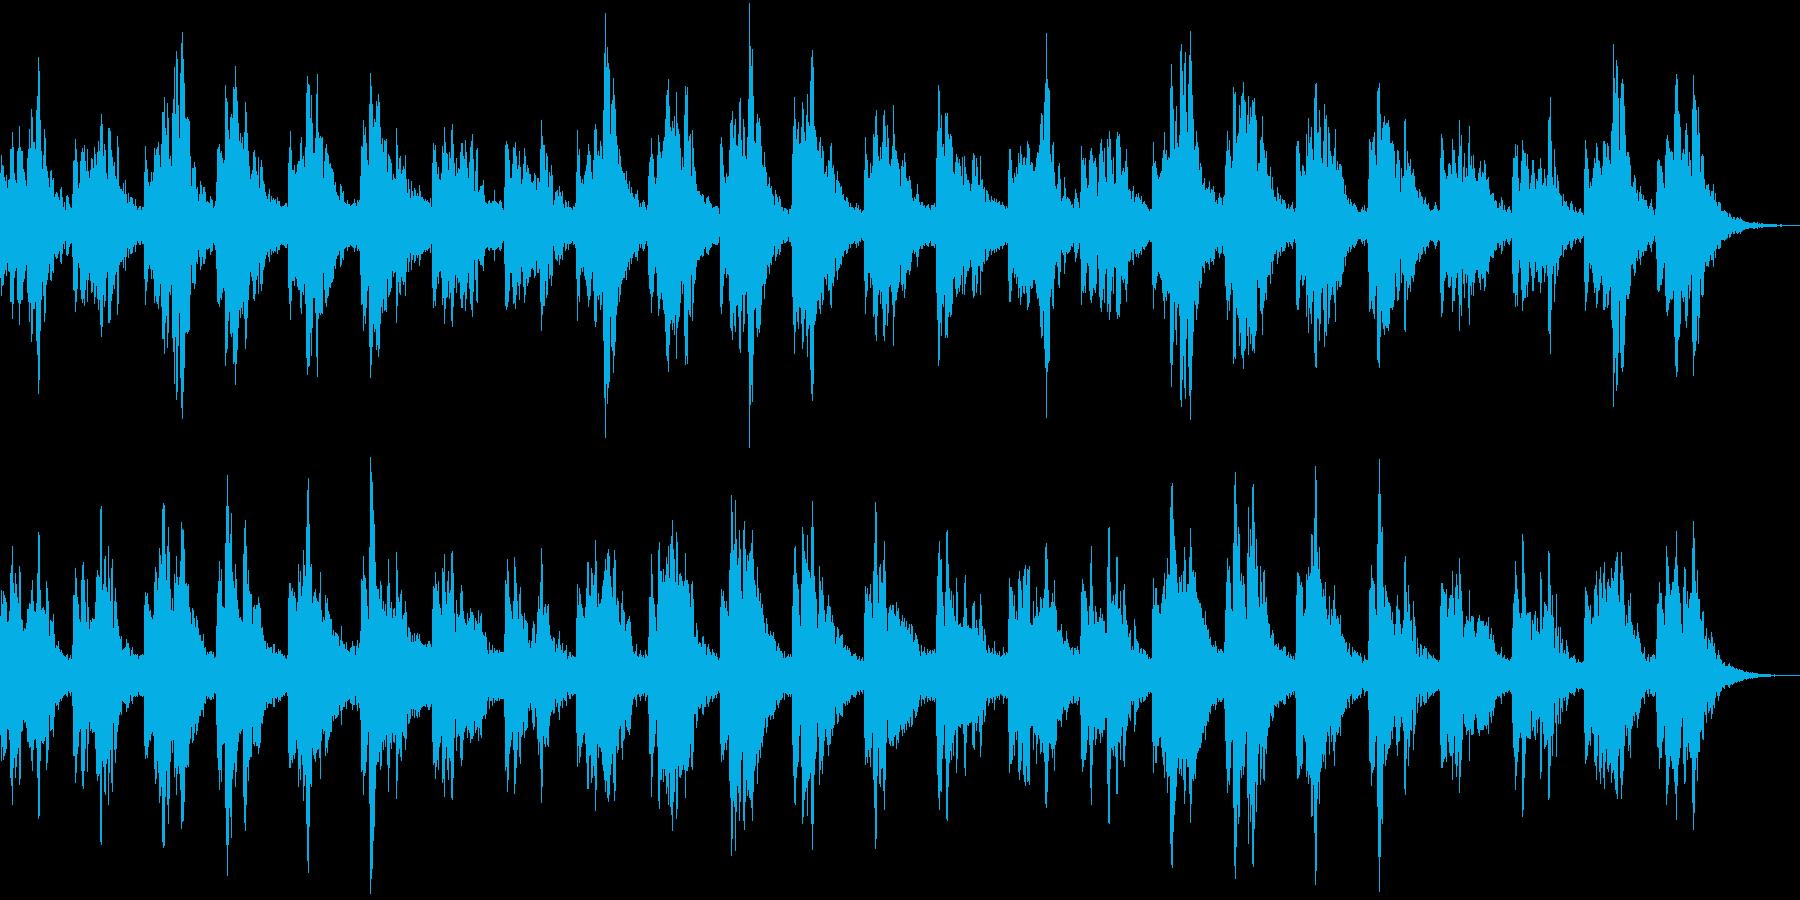 広大な自然に横たわるヒーリング音楽の再生済みの波形